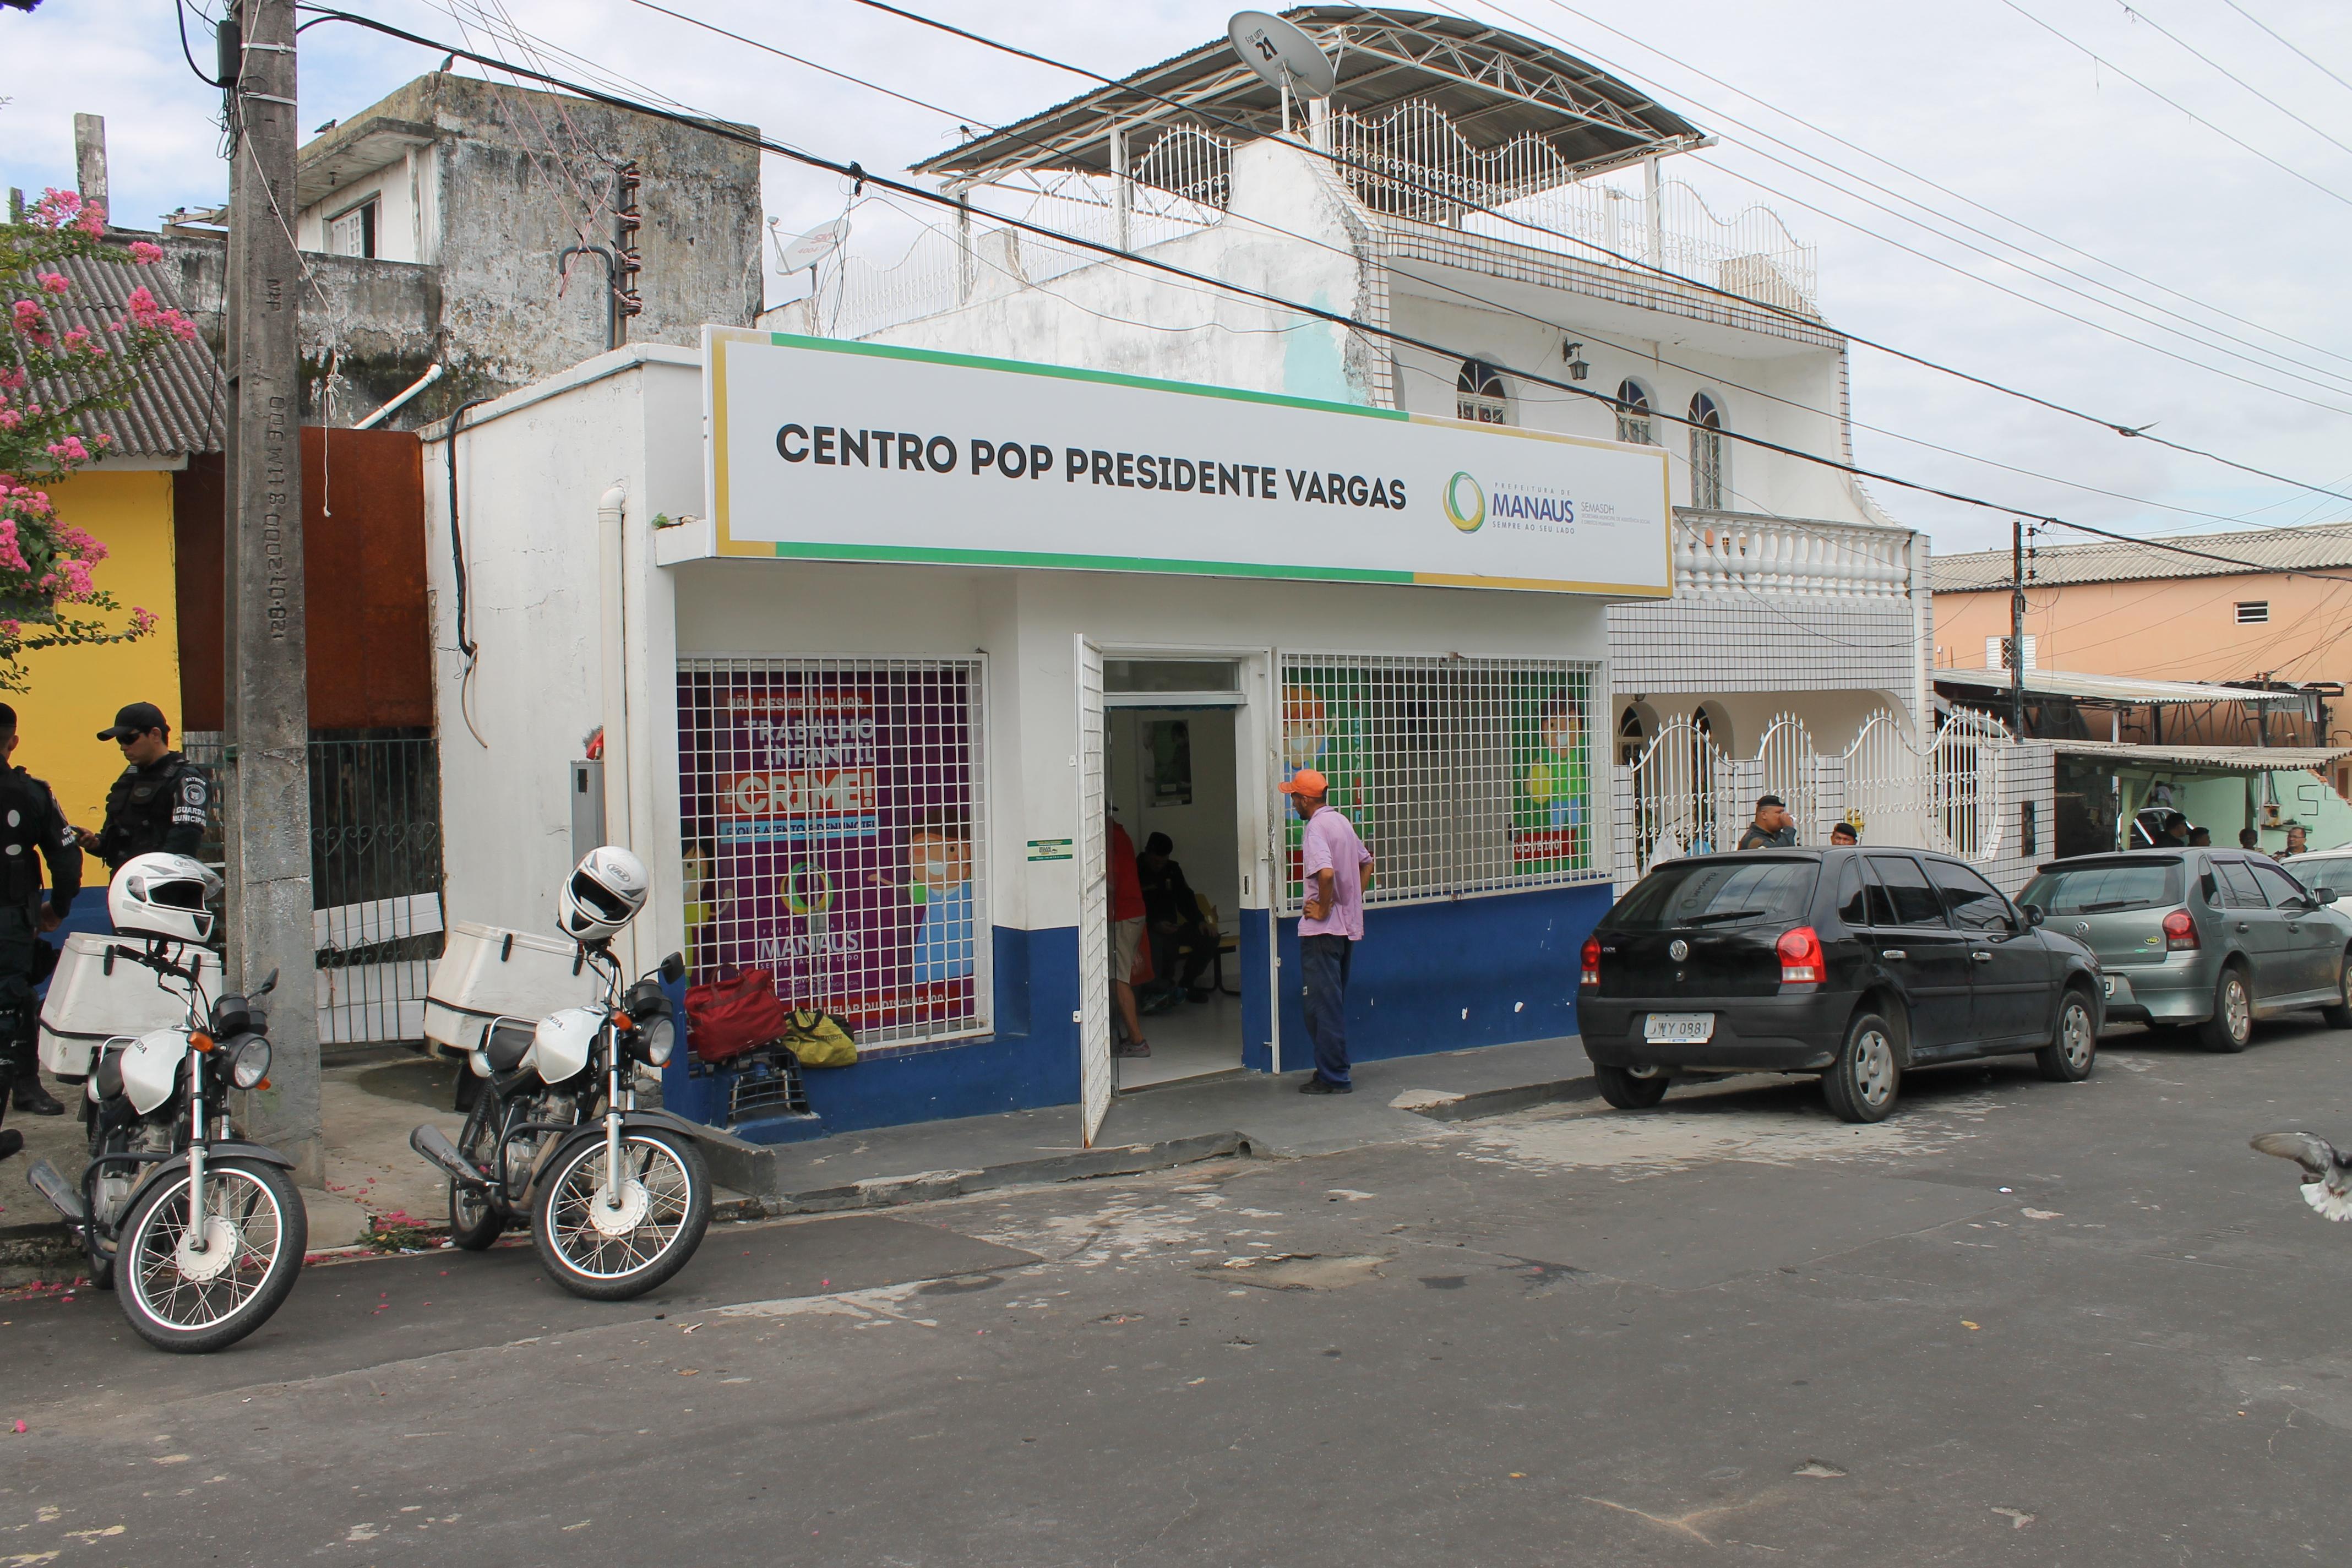 Manifestação contra a permanência do Centro Pop no bairro Presidente Vargas